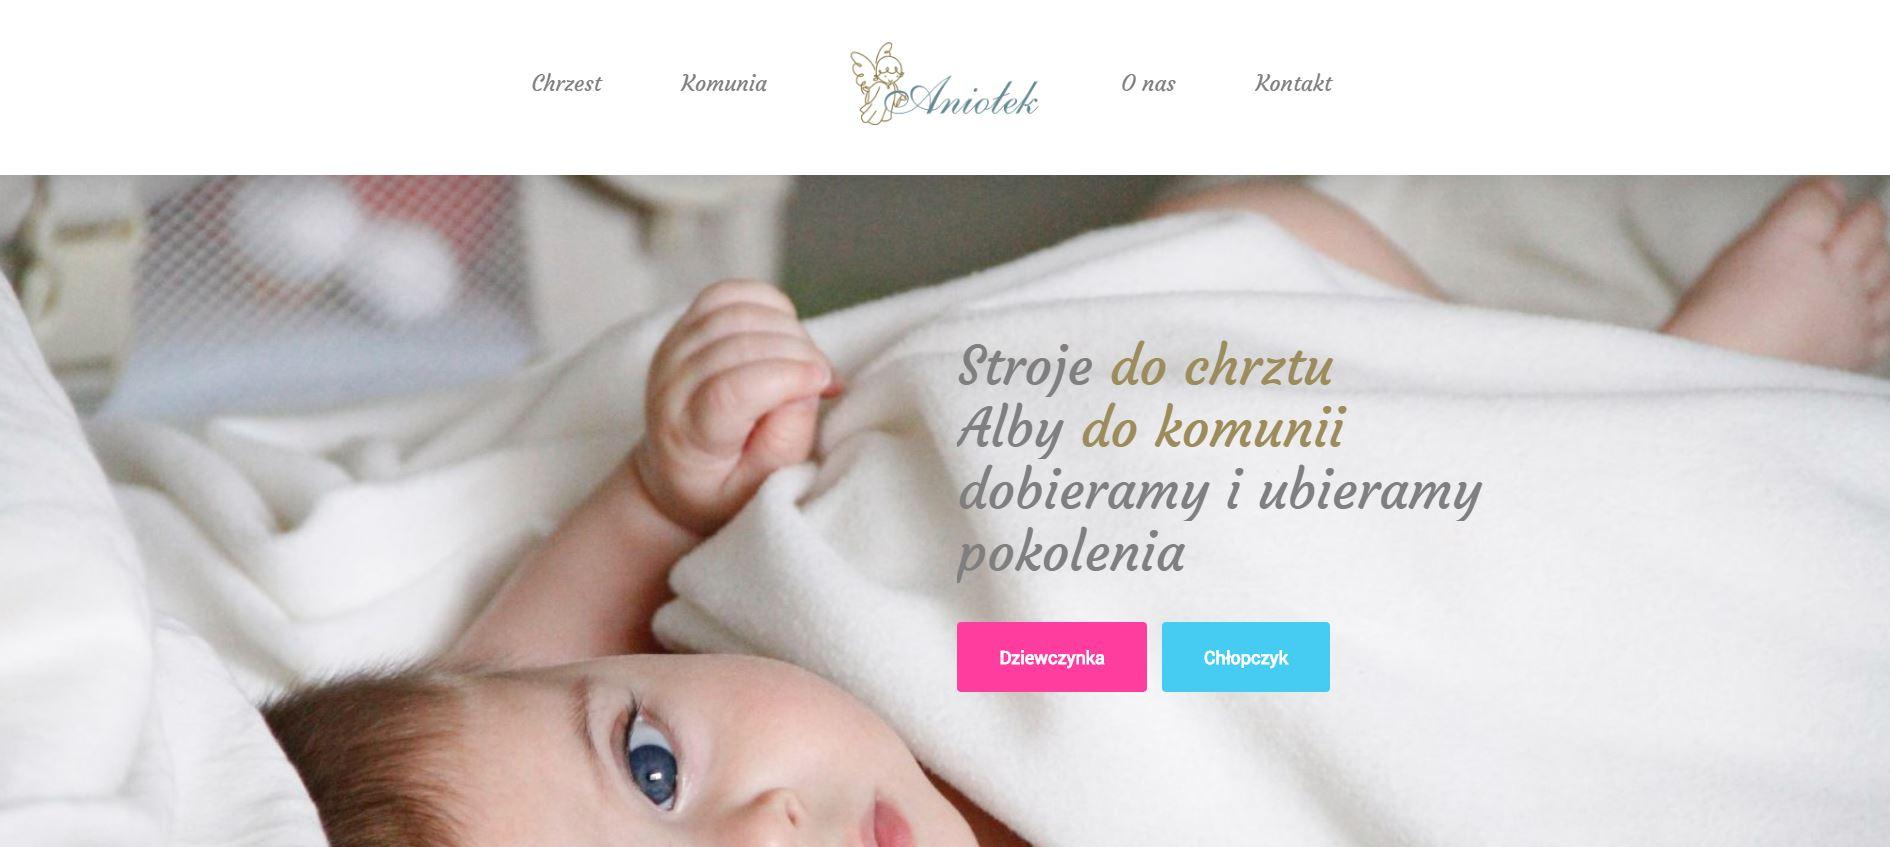 dochrztu.com.pl